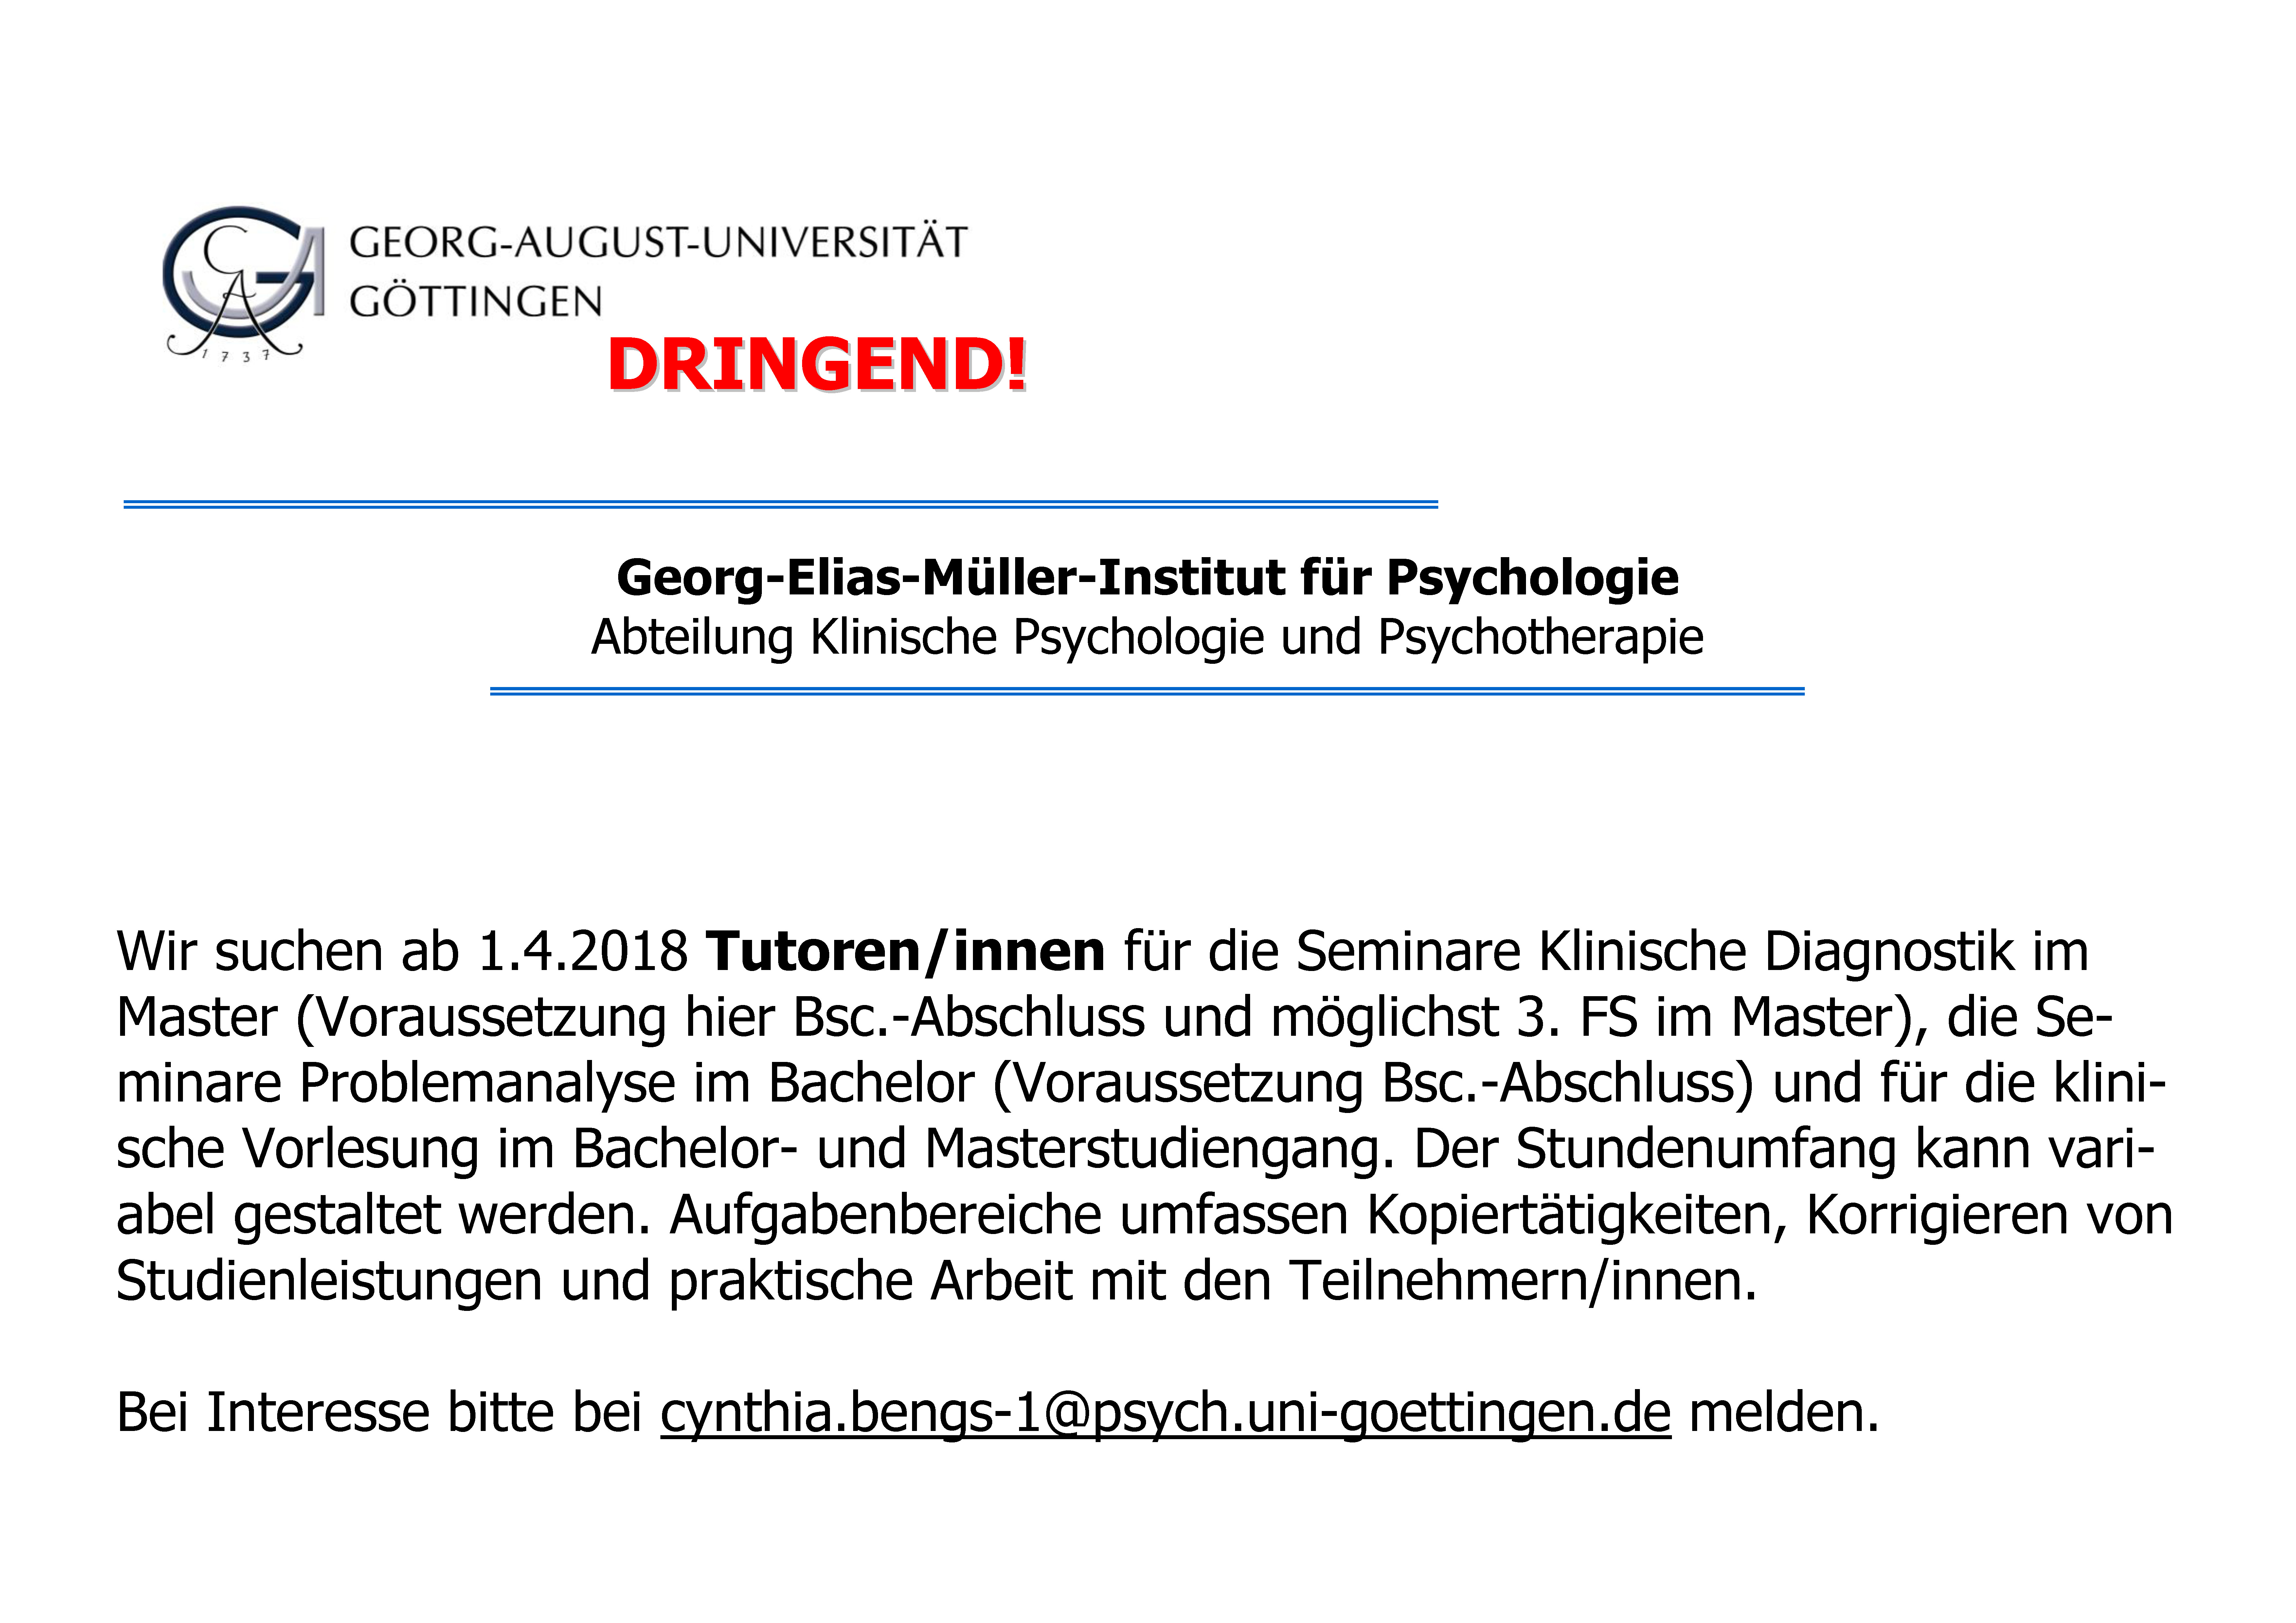 Niedlich Psychologie Praktikum Lebenslauf Beispiel Fotos - Entry ...